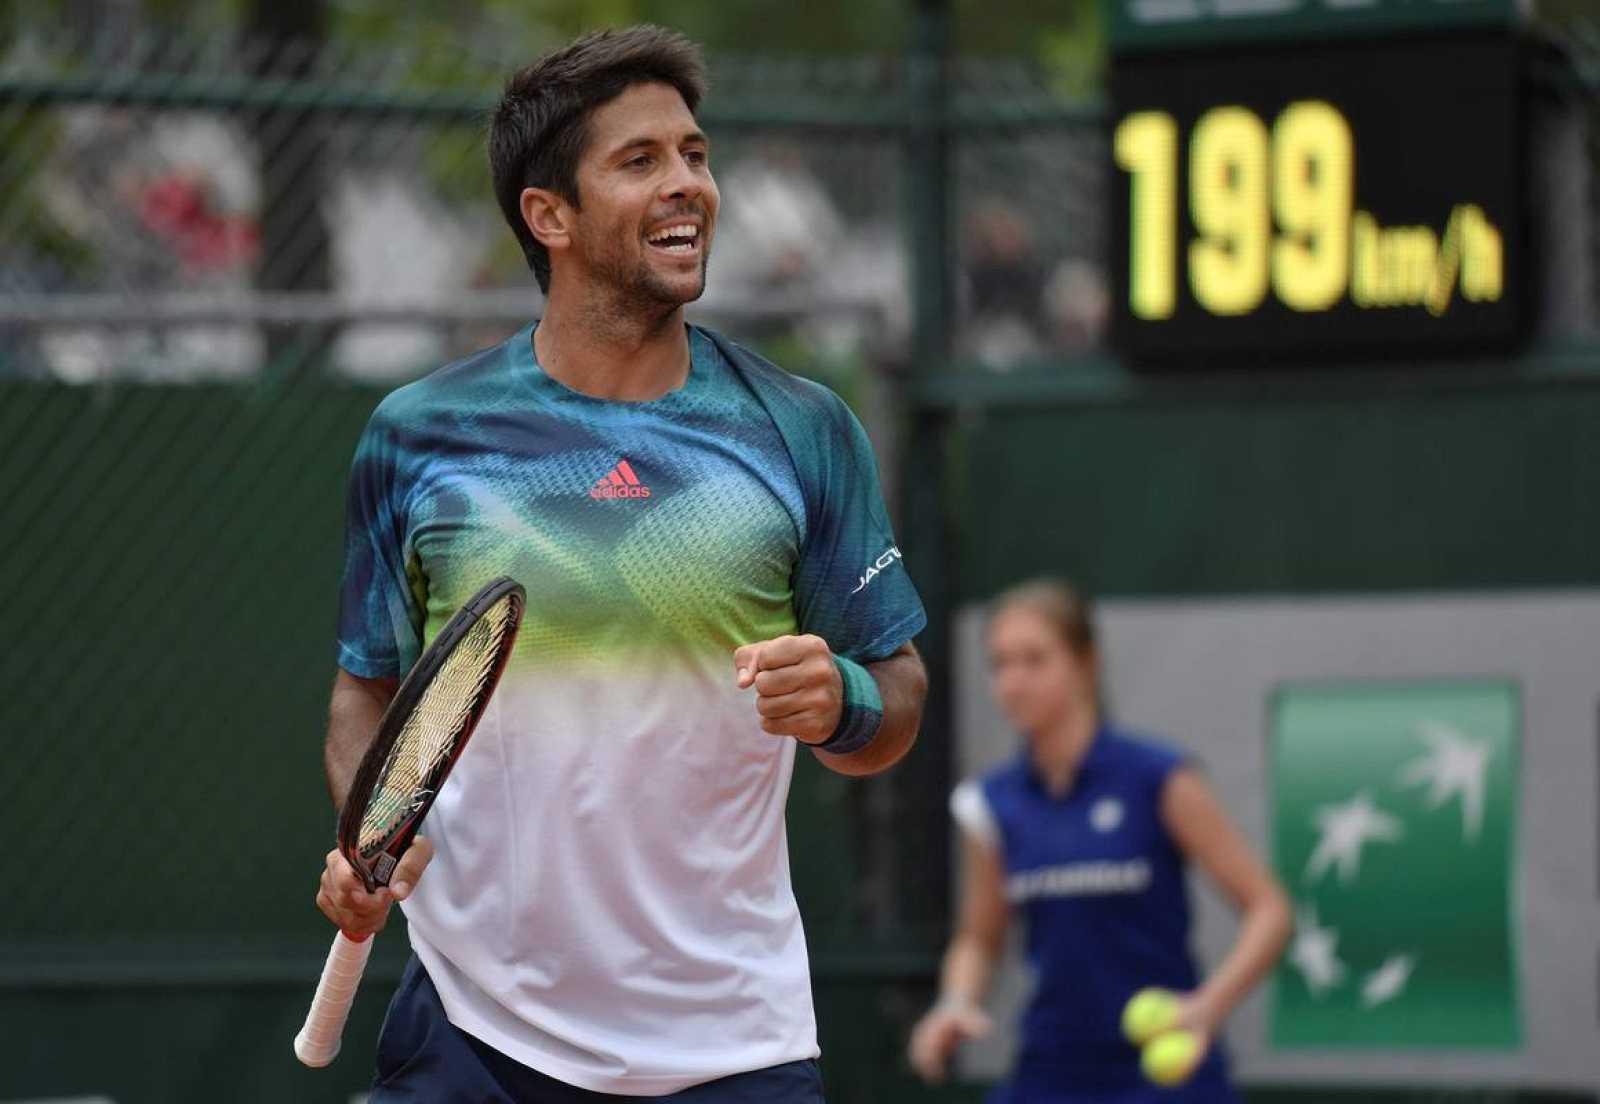 Imagen del tenista español Fernando Verdasco en Roland Garros 2016.